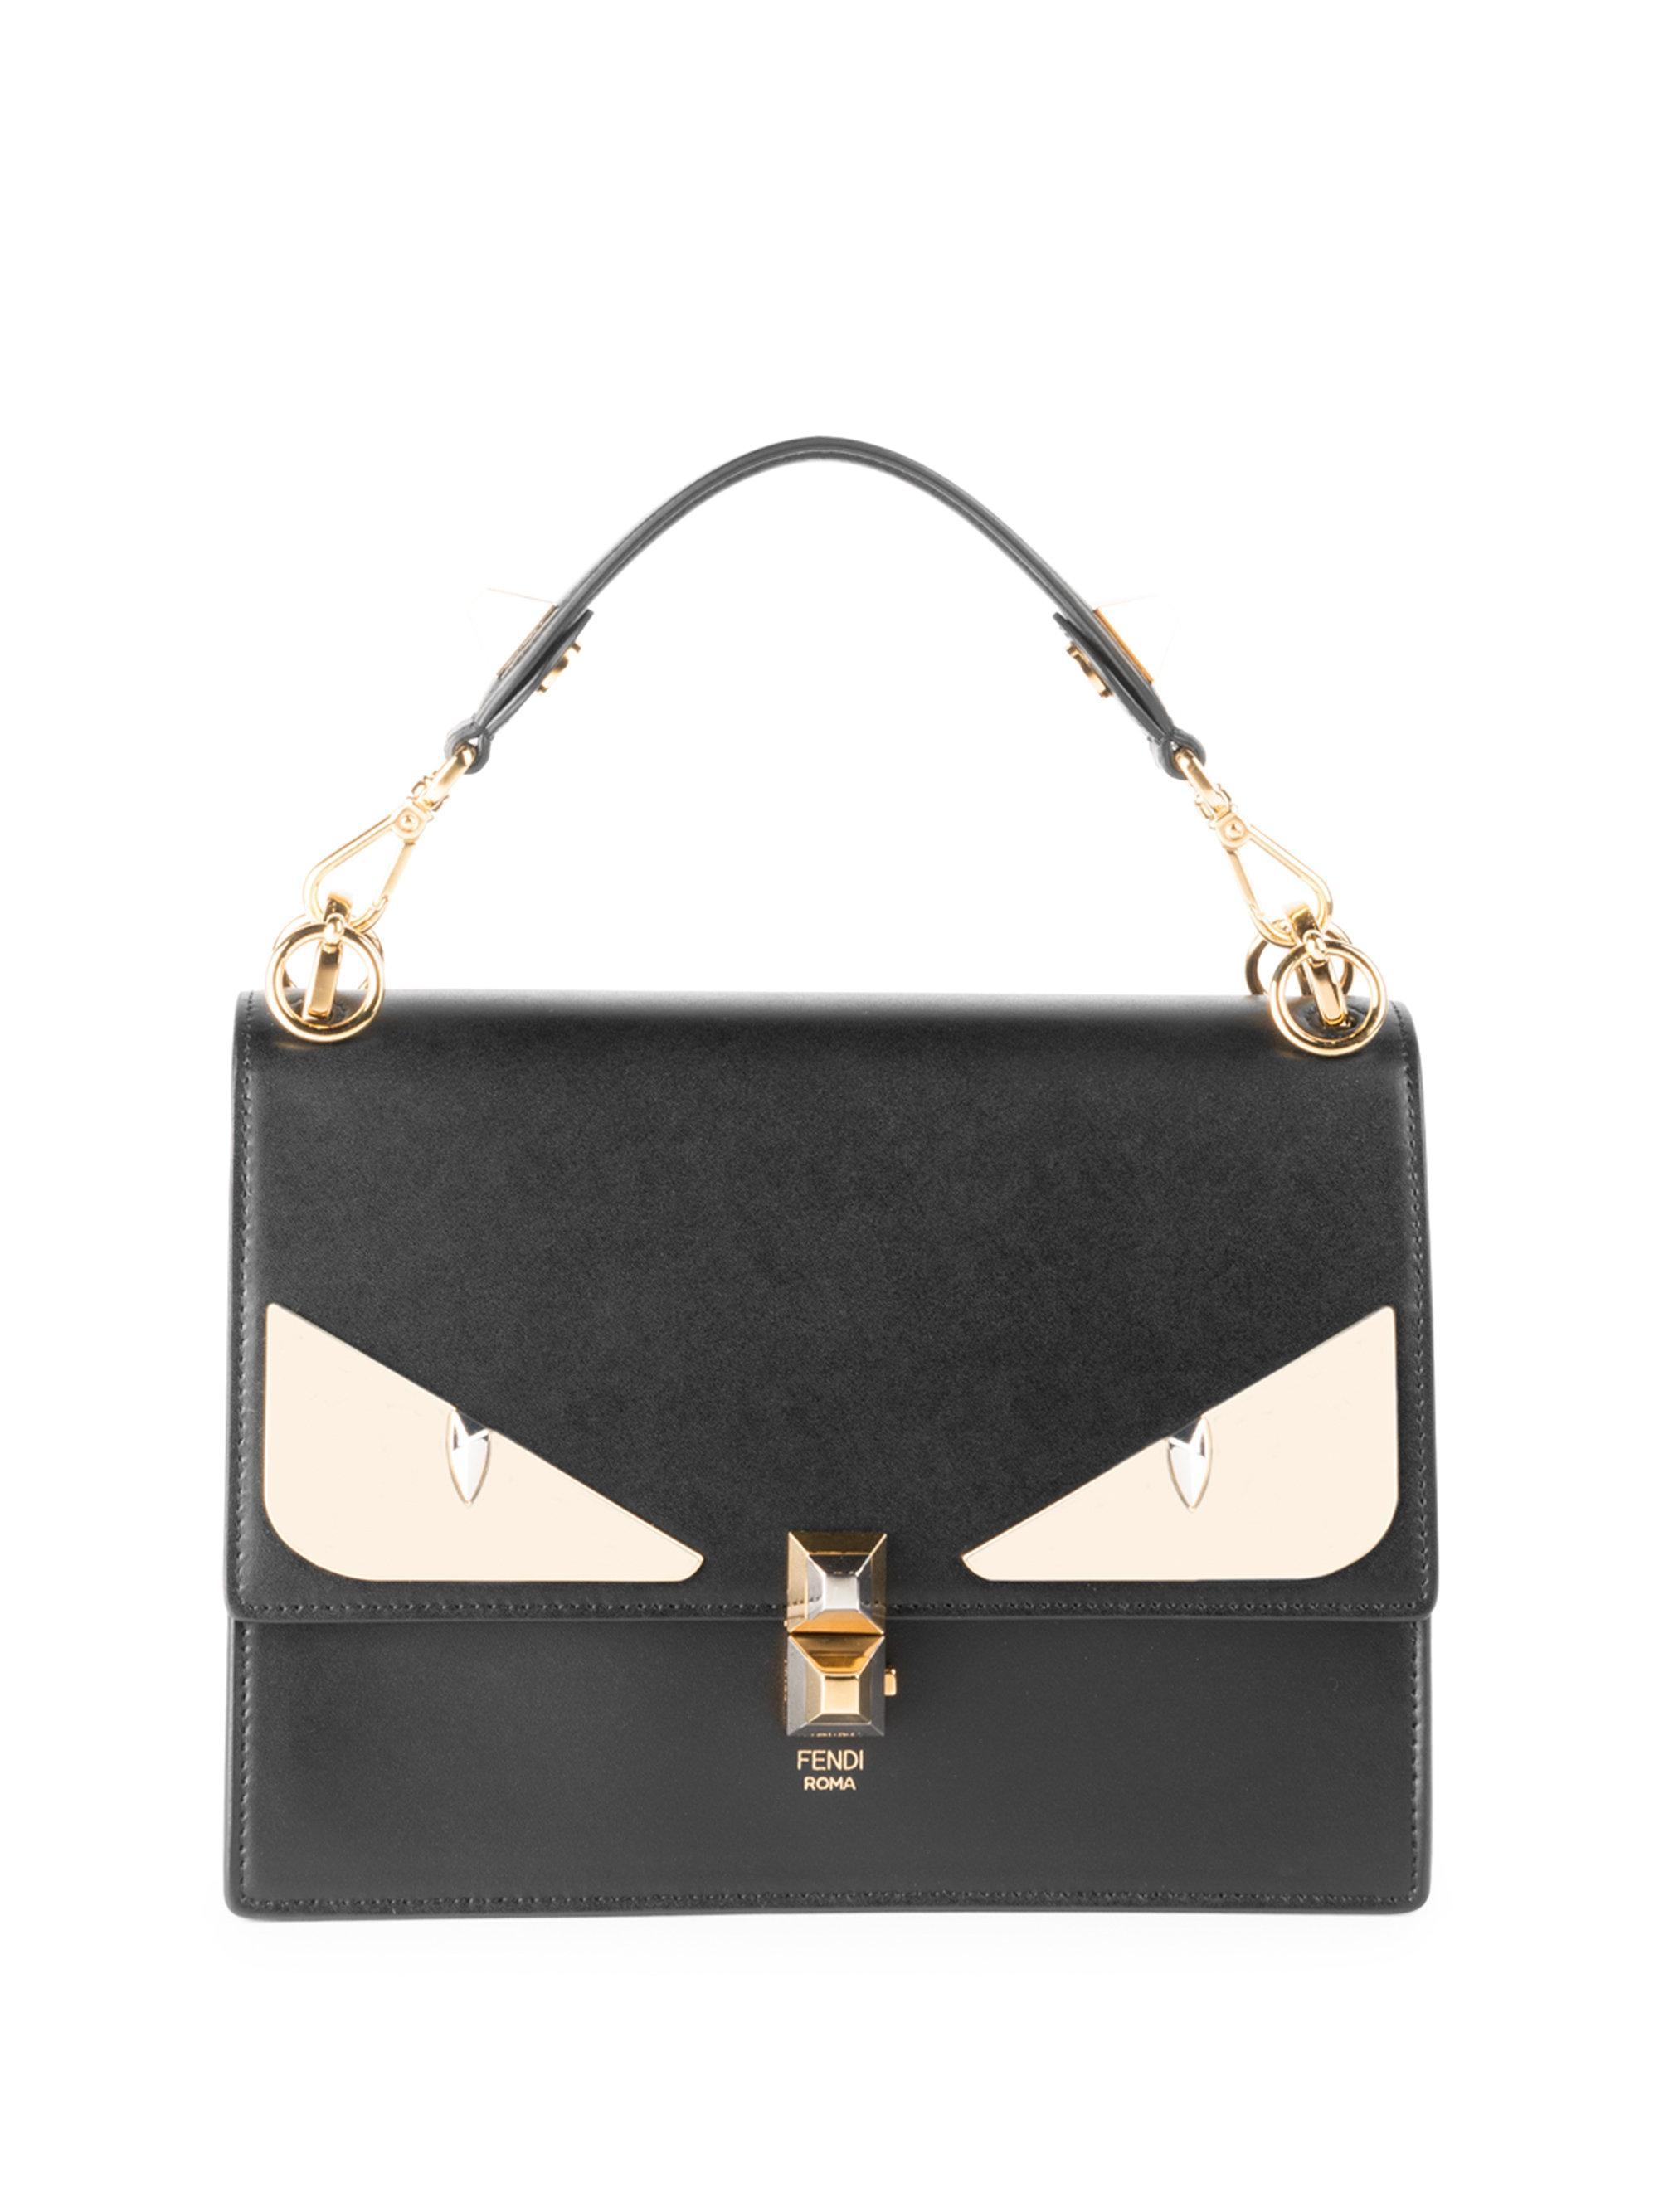 Fendi Kan I Monster Eye Black Shoulder Bag in Black - Save 25% - Lyst 42a2aac19b6a6